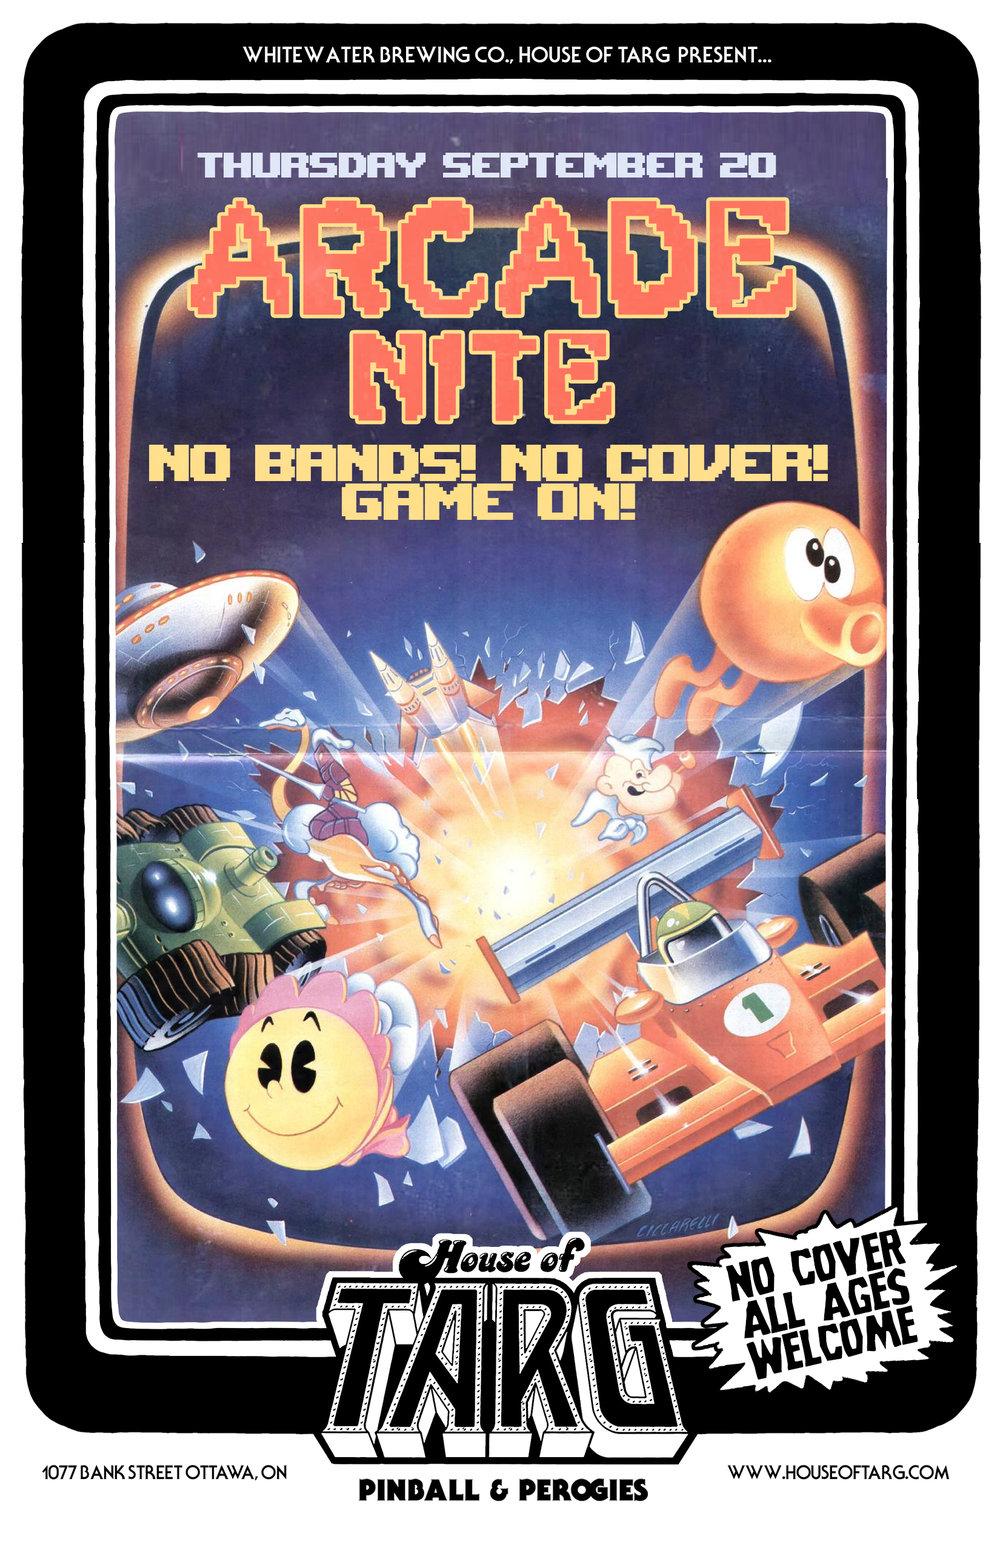 Arcade Nite Thurs Sept 20.jpg